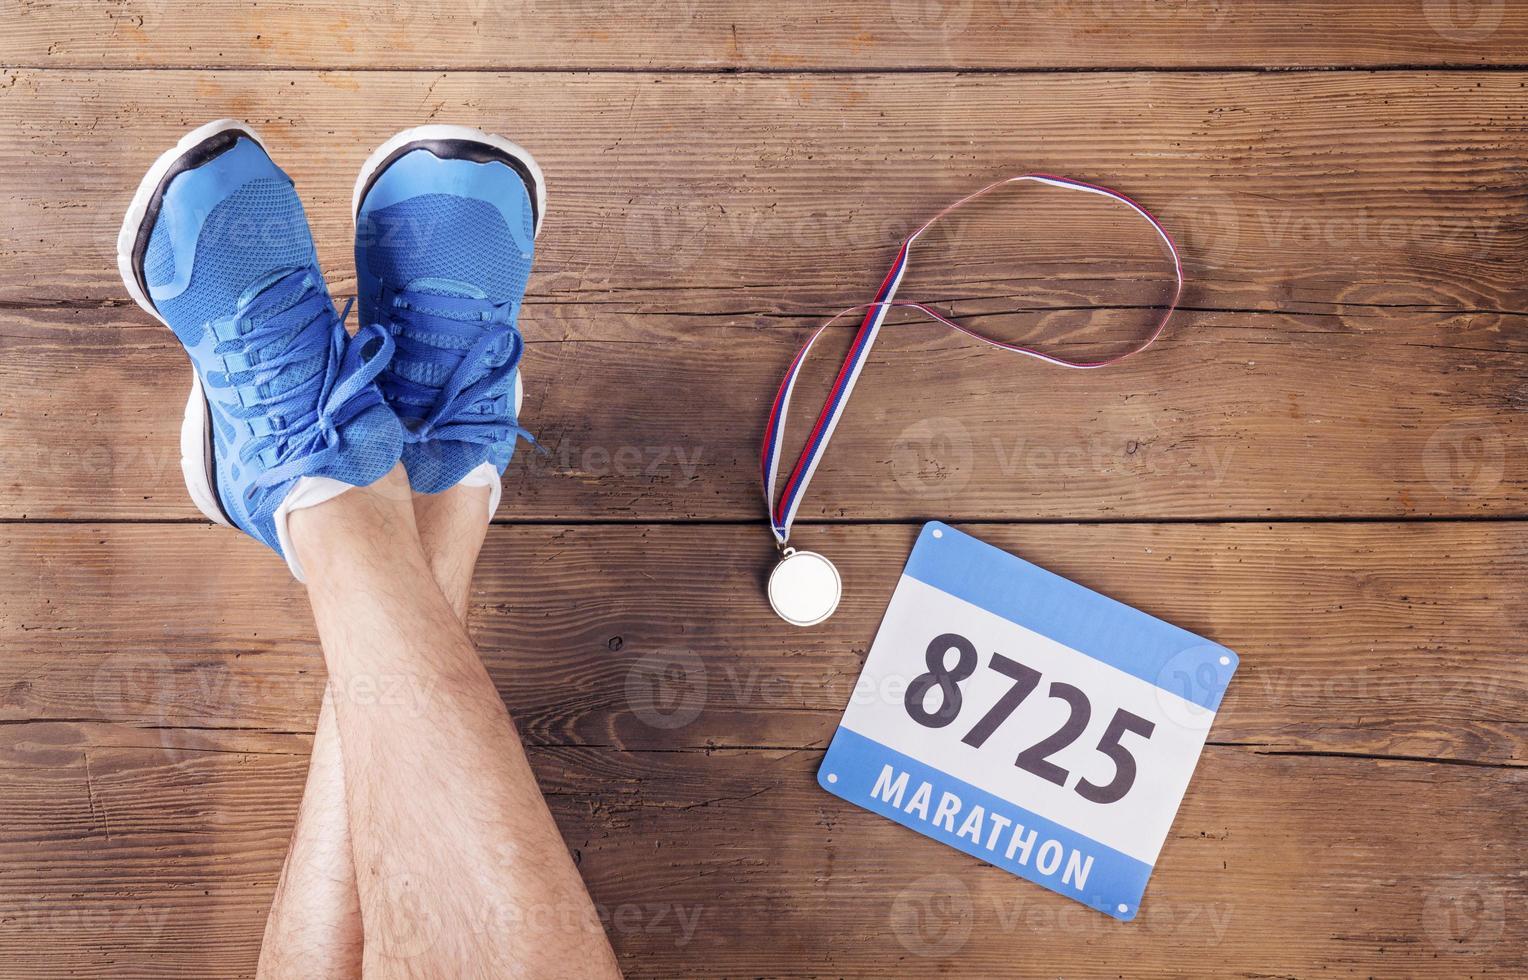 erfolgreicher männlicher Marathonläufer foto